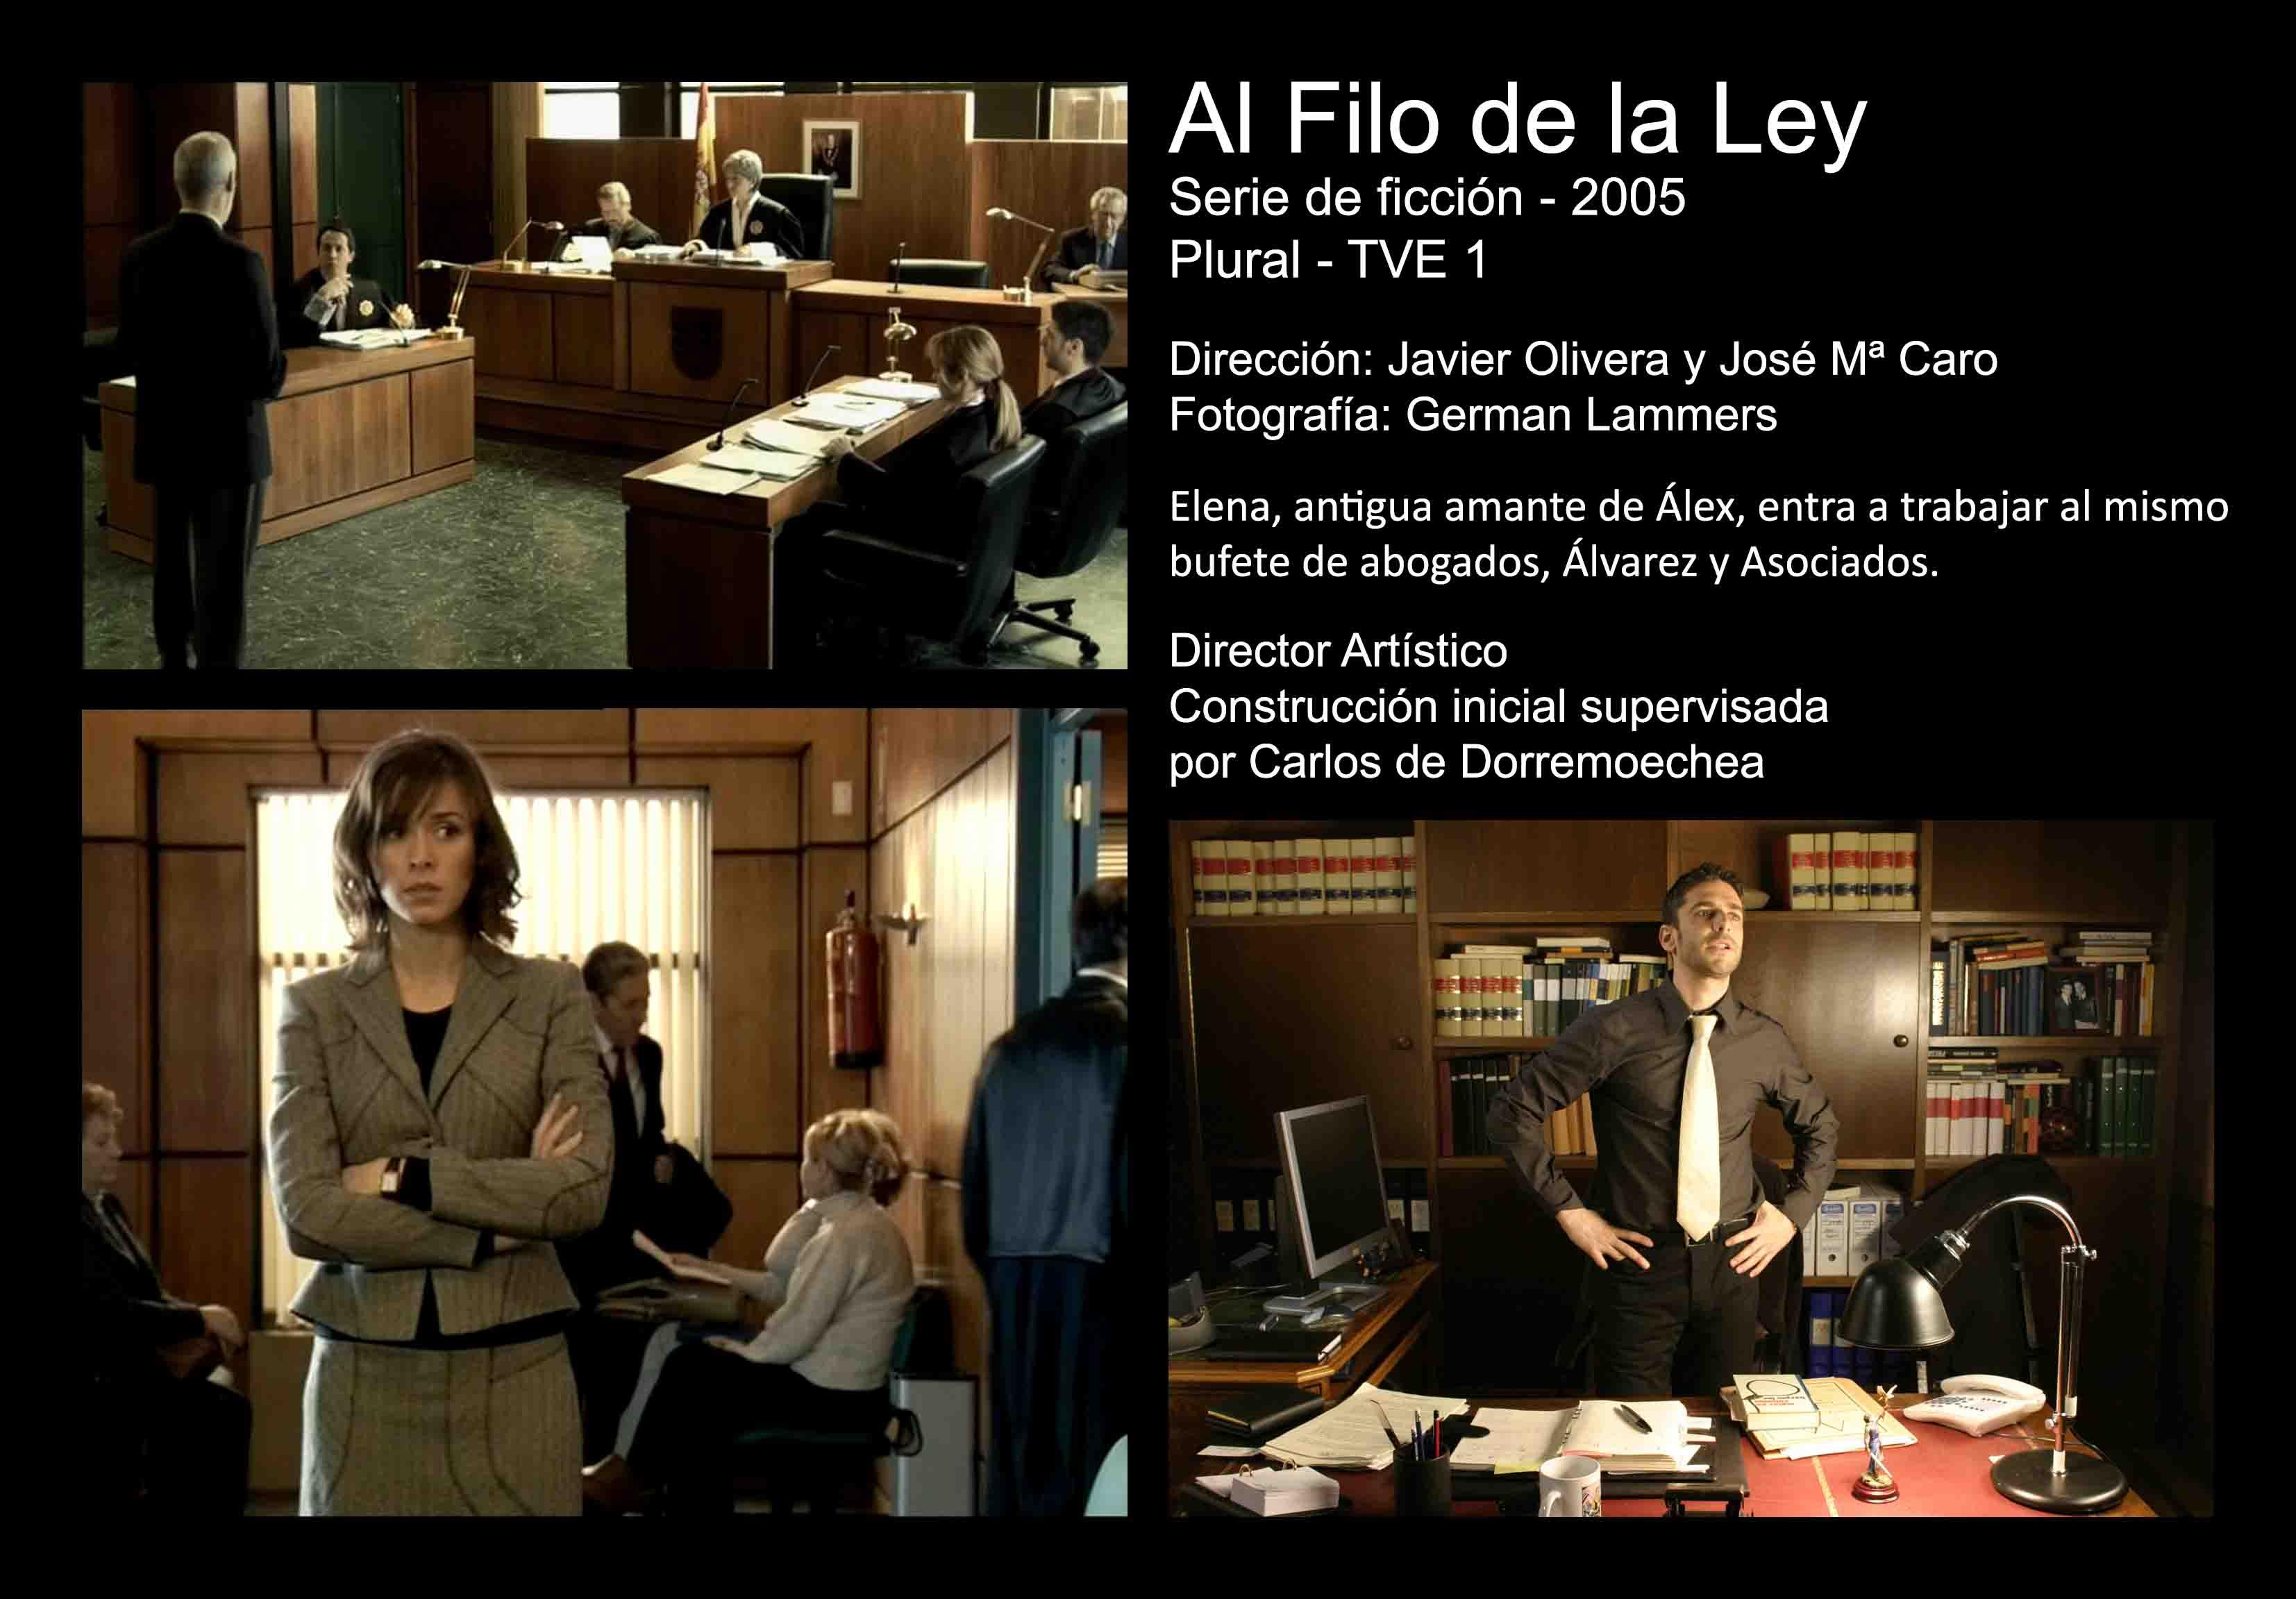 David Temprano 2005 Al Filo de la Ley 1